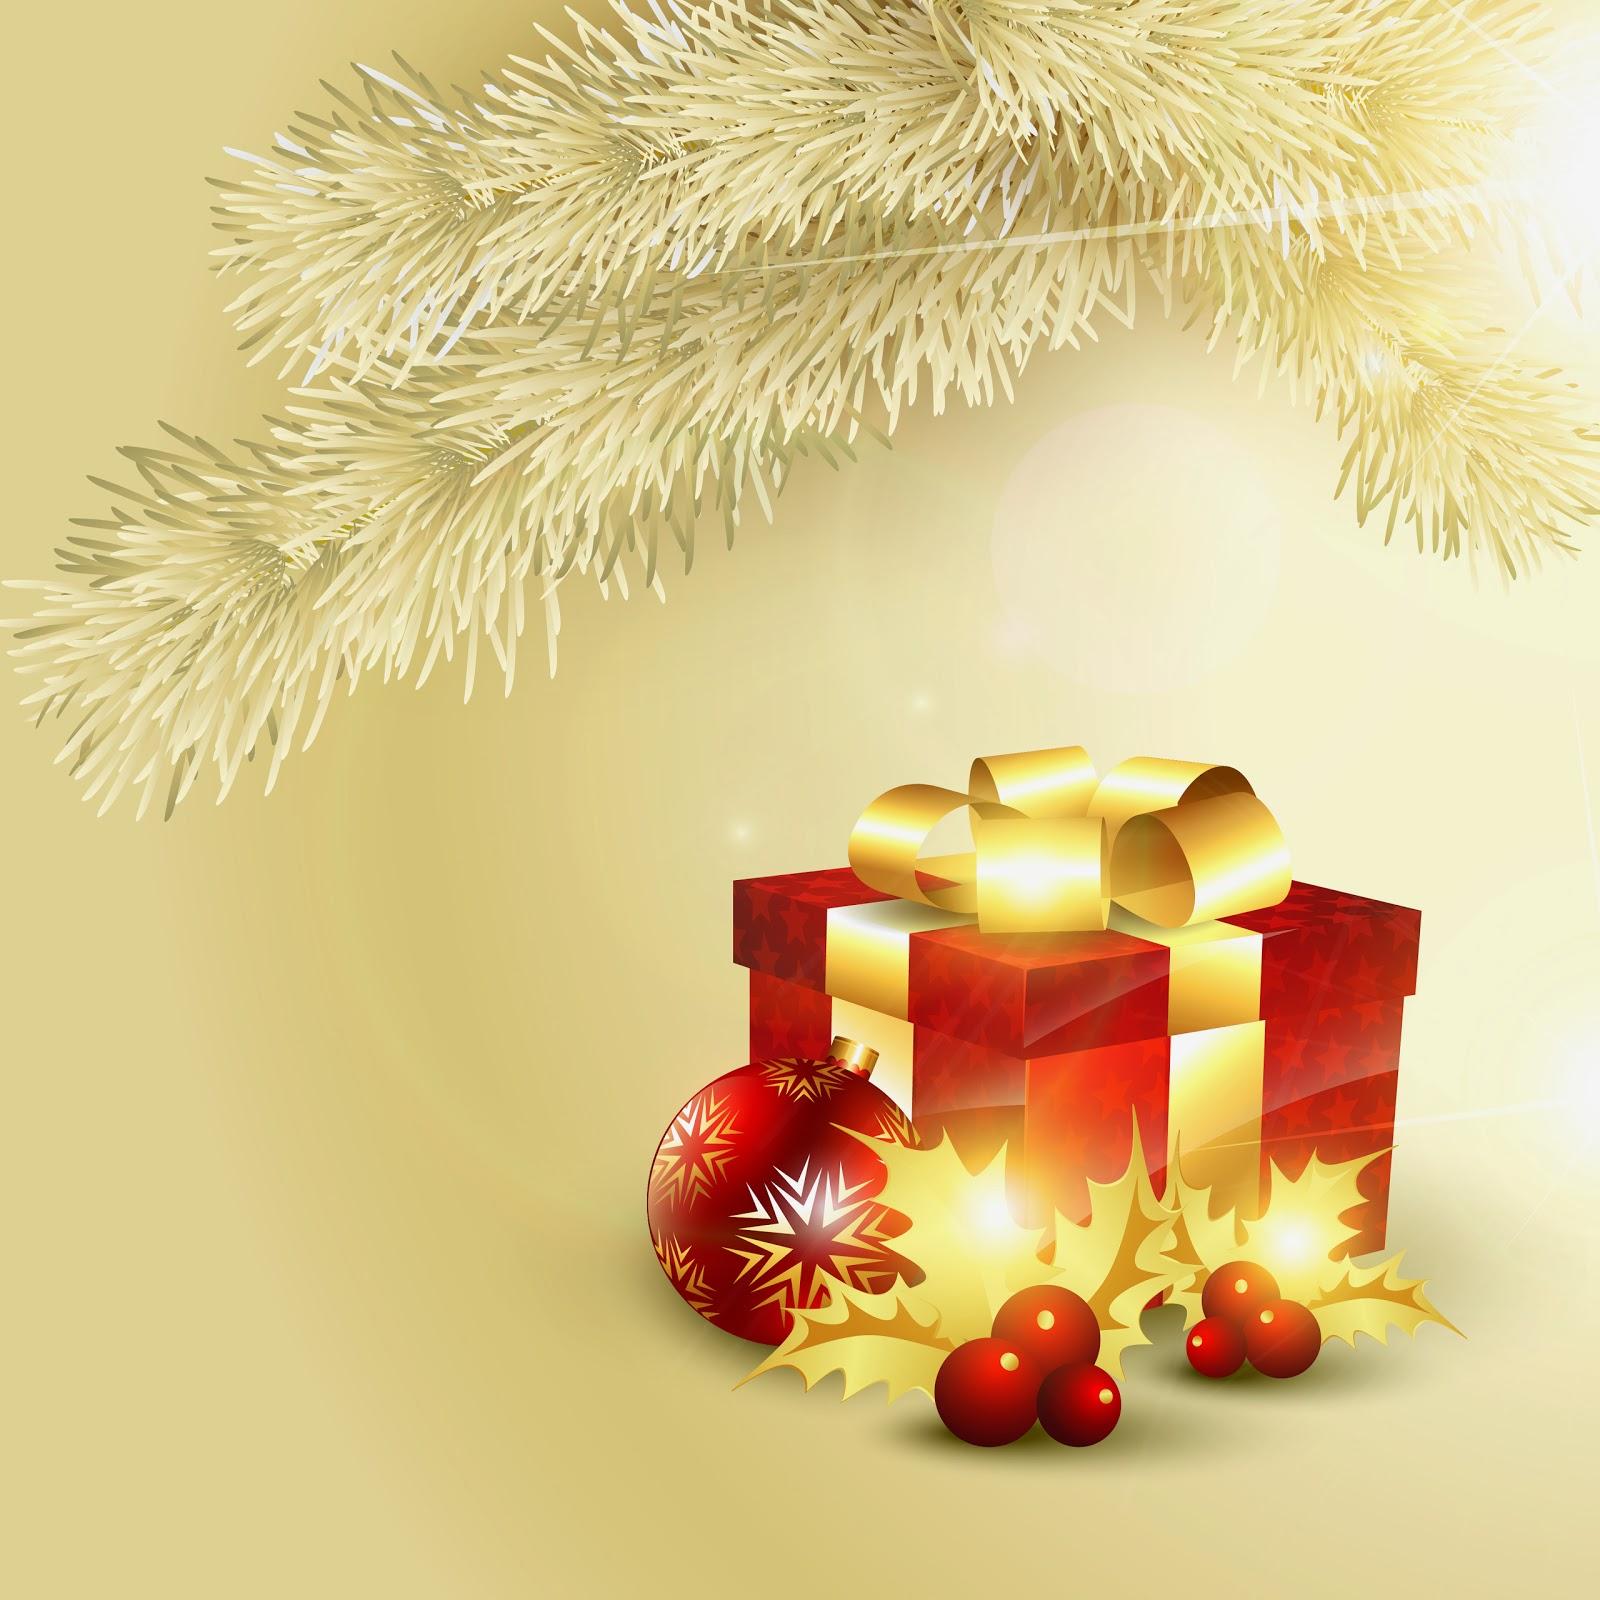 Sfondo Natalizio - Sfondi natalizi doni